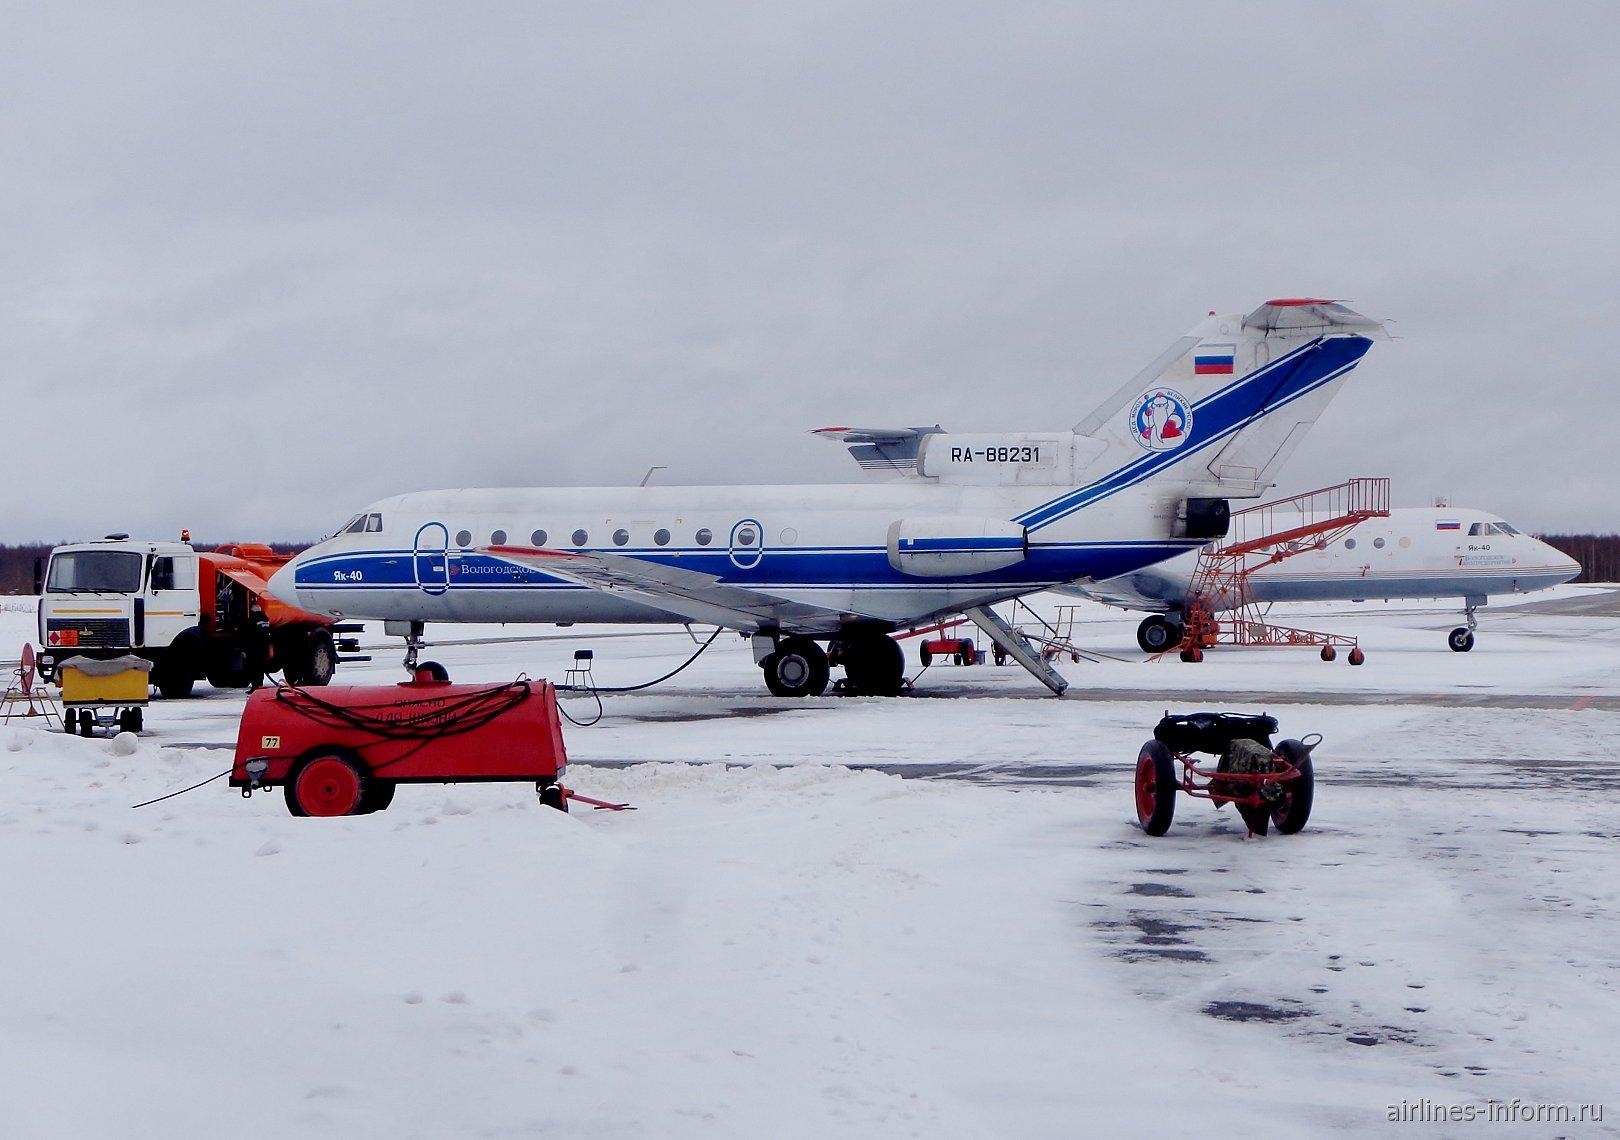 Самолет Як-40 RA-88231 в аэропорту Вологда